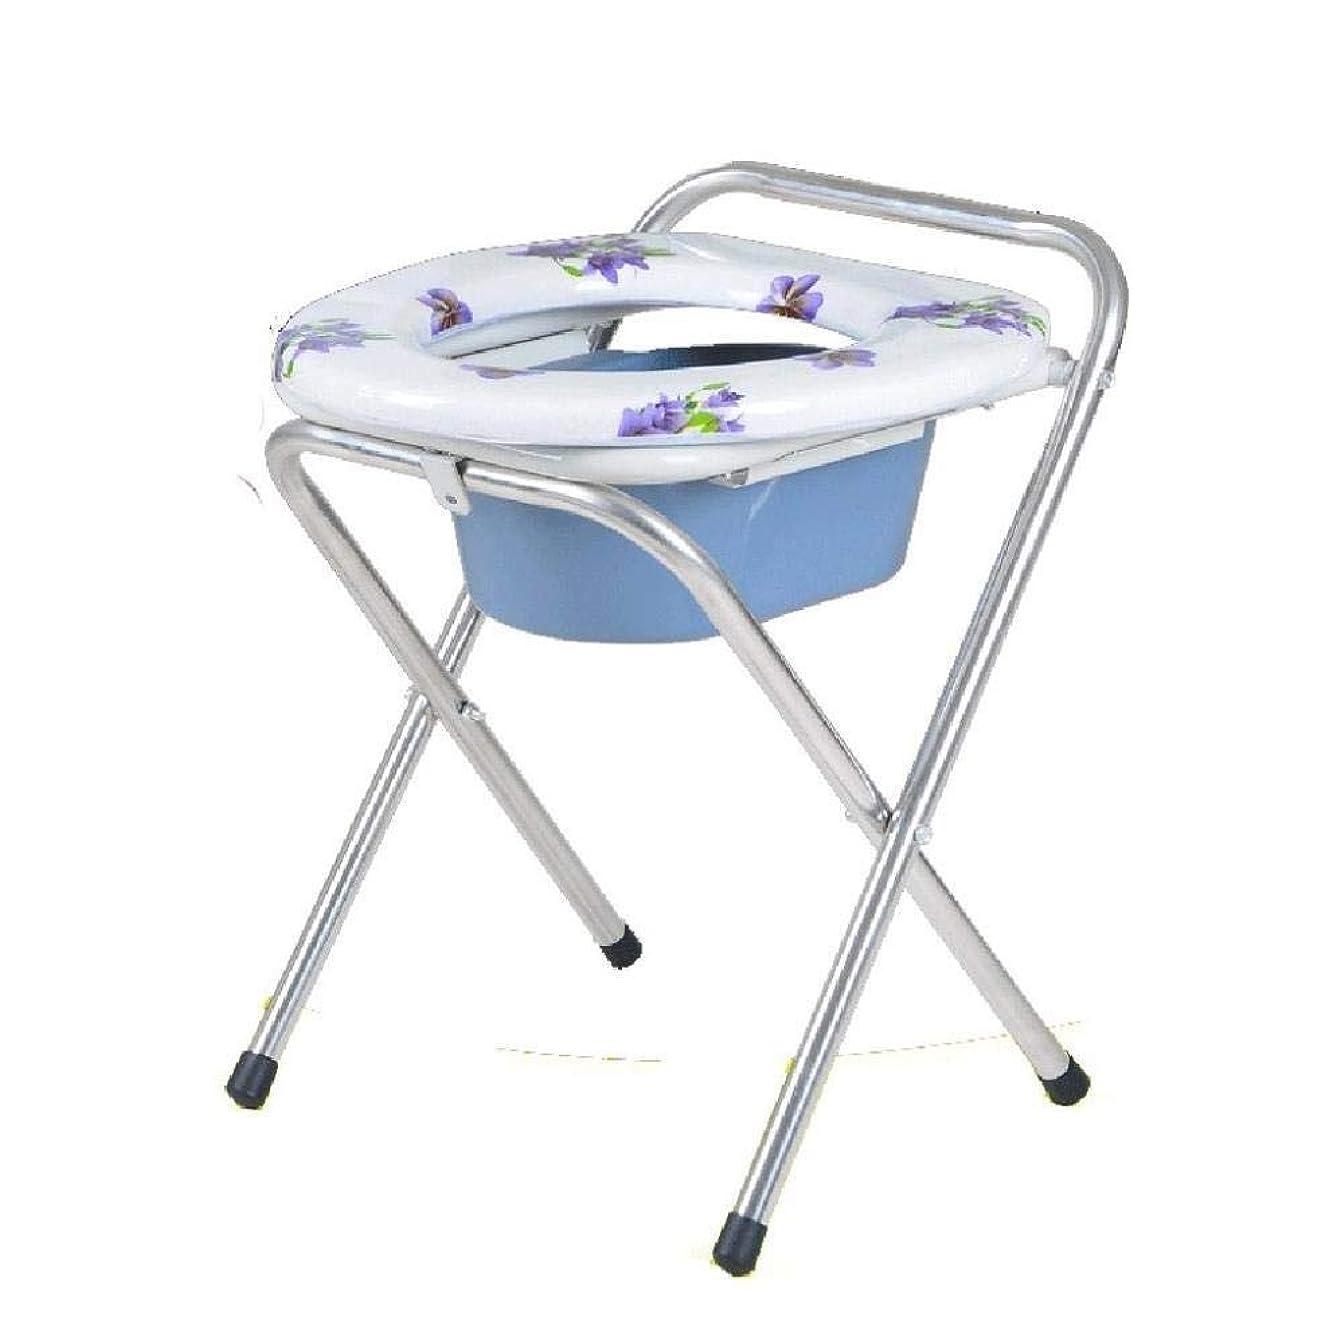 南西テクニカル残高折りたたみ式便器椅子、高齢者妊娠便座用ステンレス便座